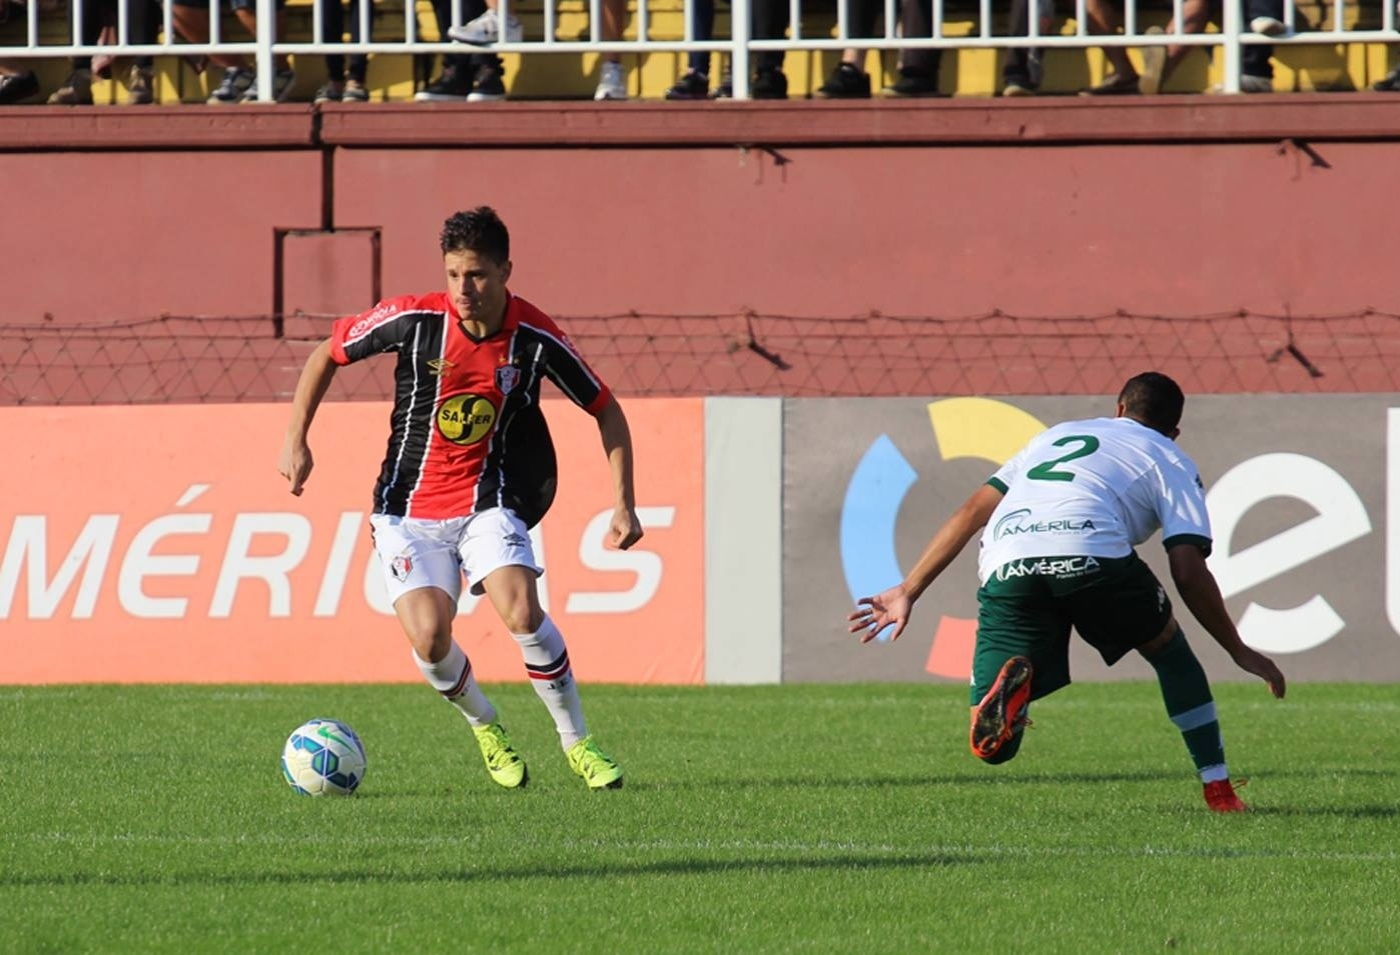 Joinville e Goiás se enfrentam na Arena Joinville pela oitava rodada do Campeonato Brasileiro 2015